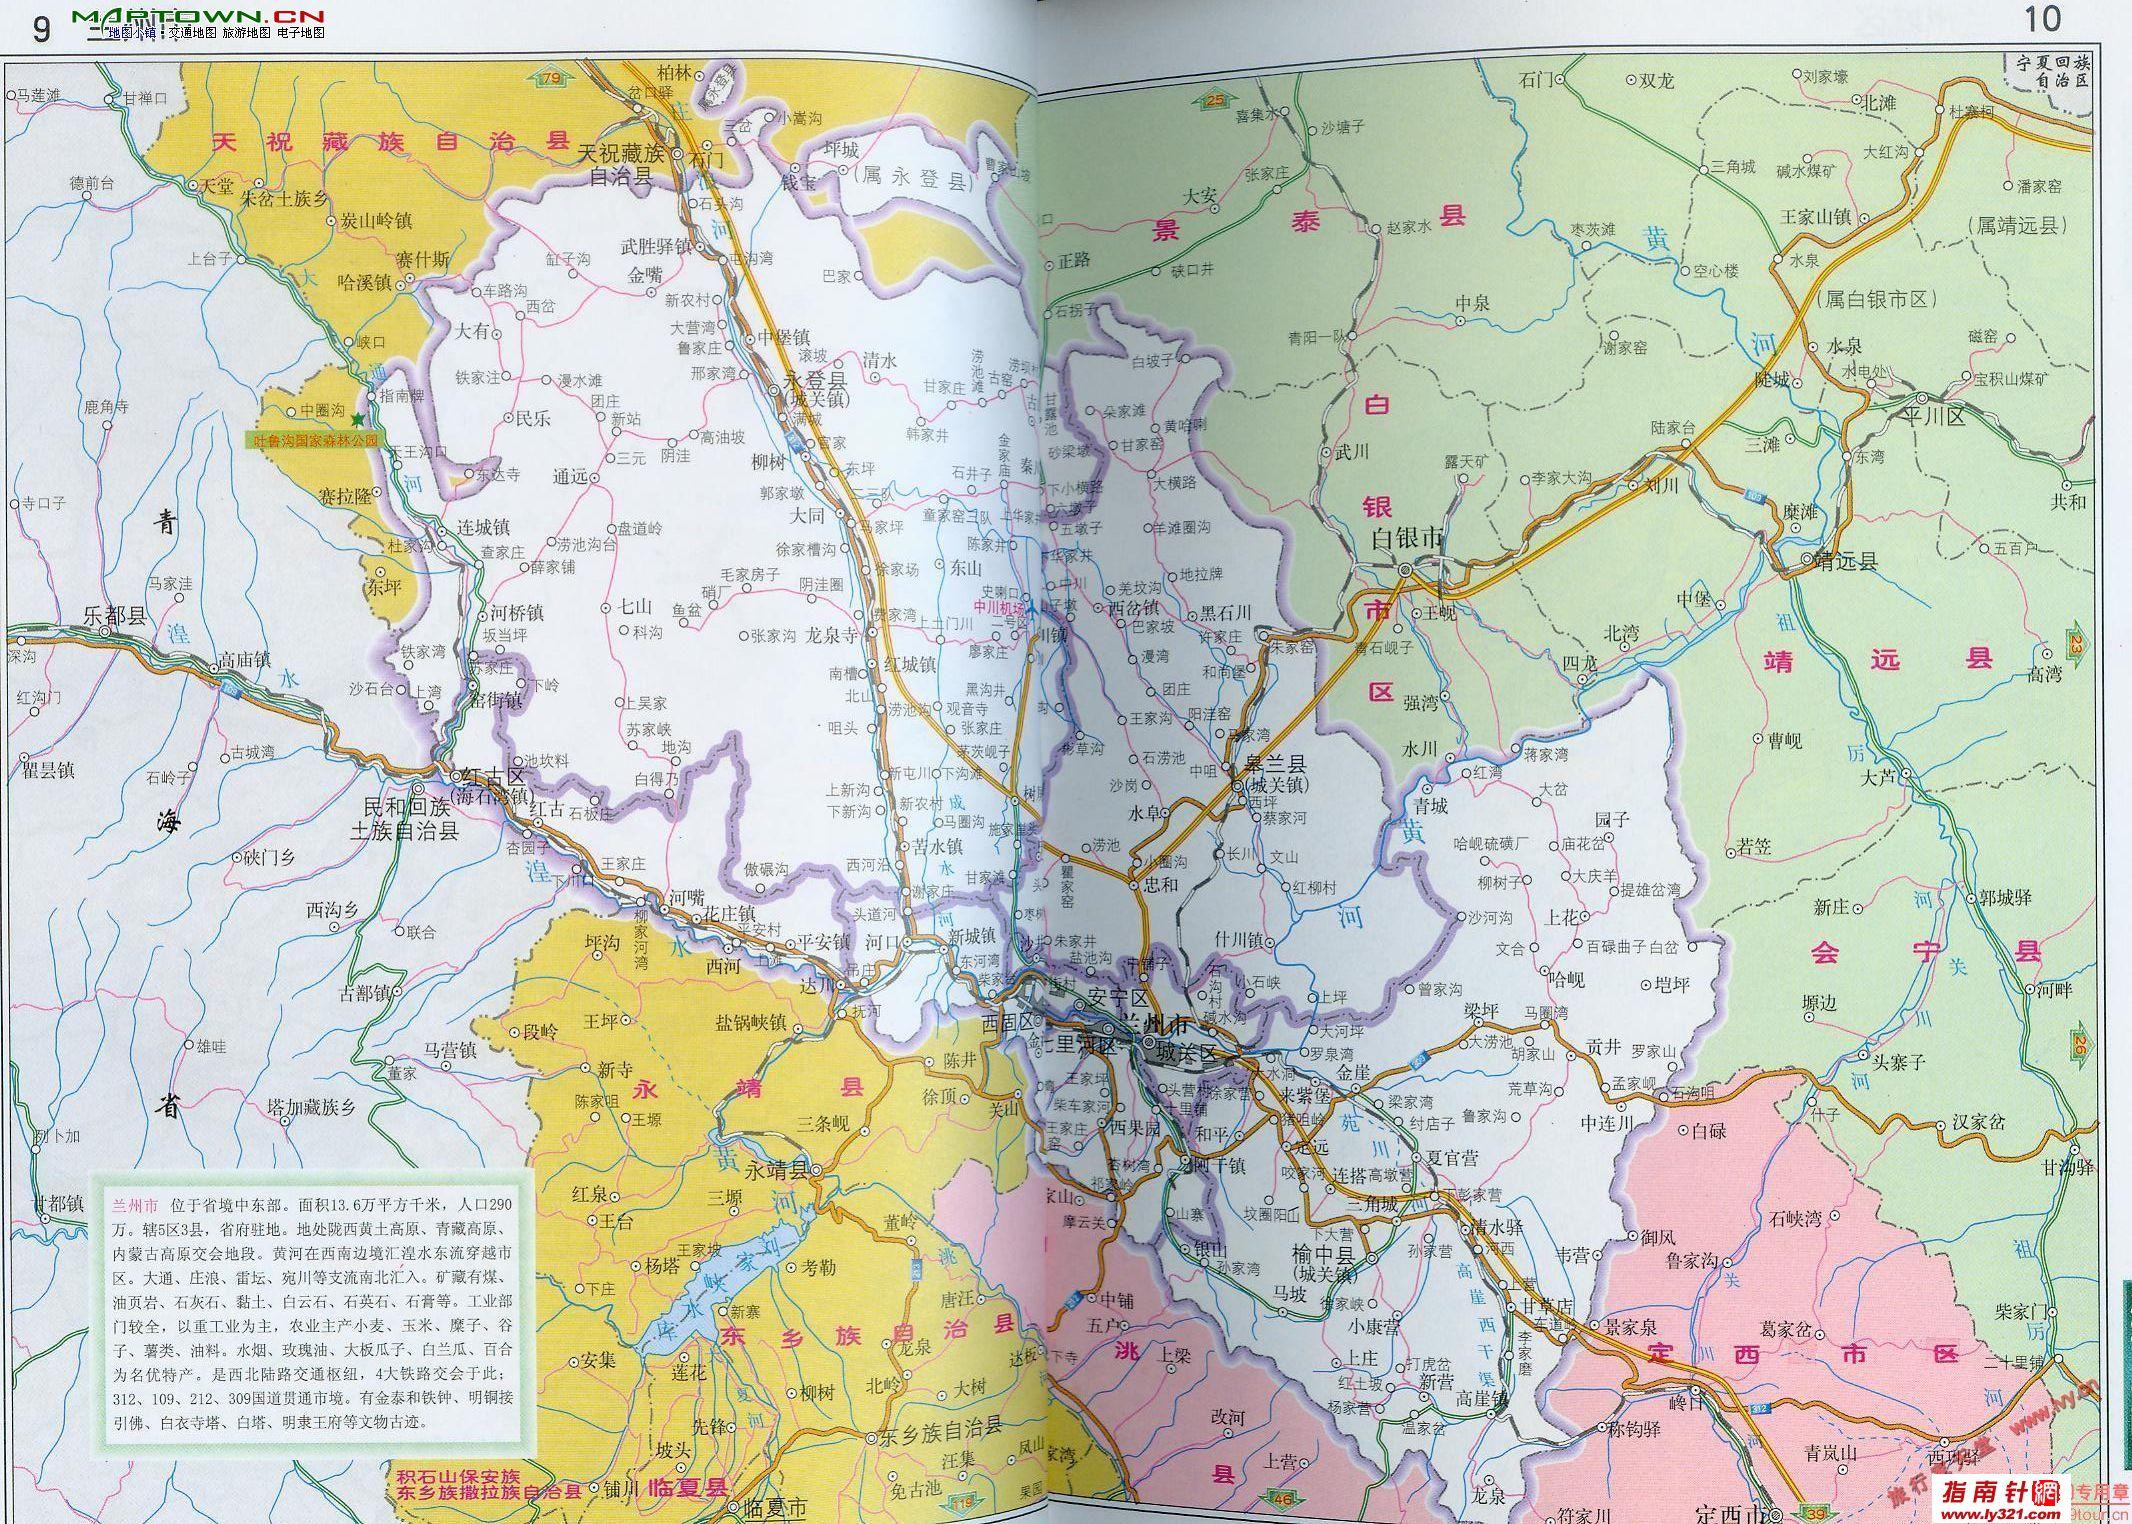 甘肃兰州行政区地图_兰州市地图查询